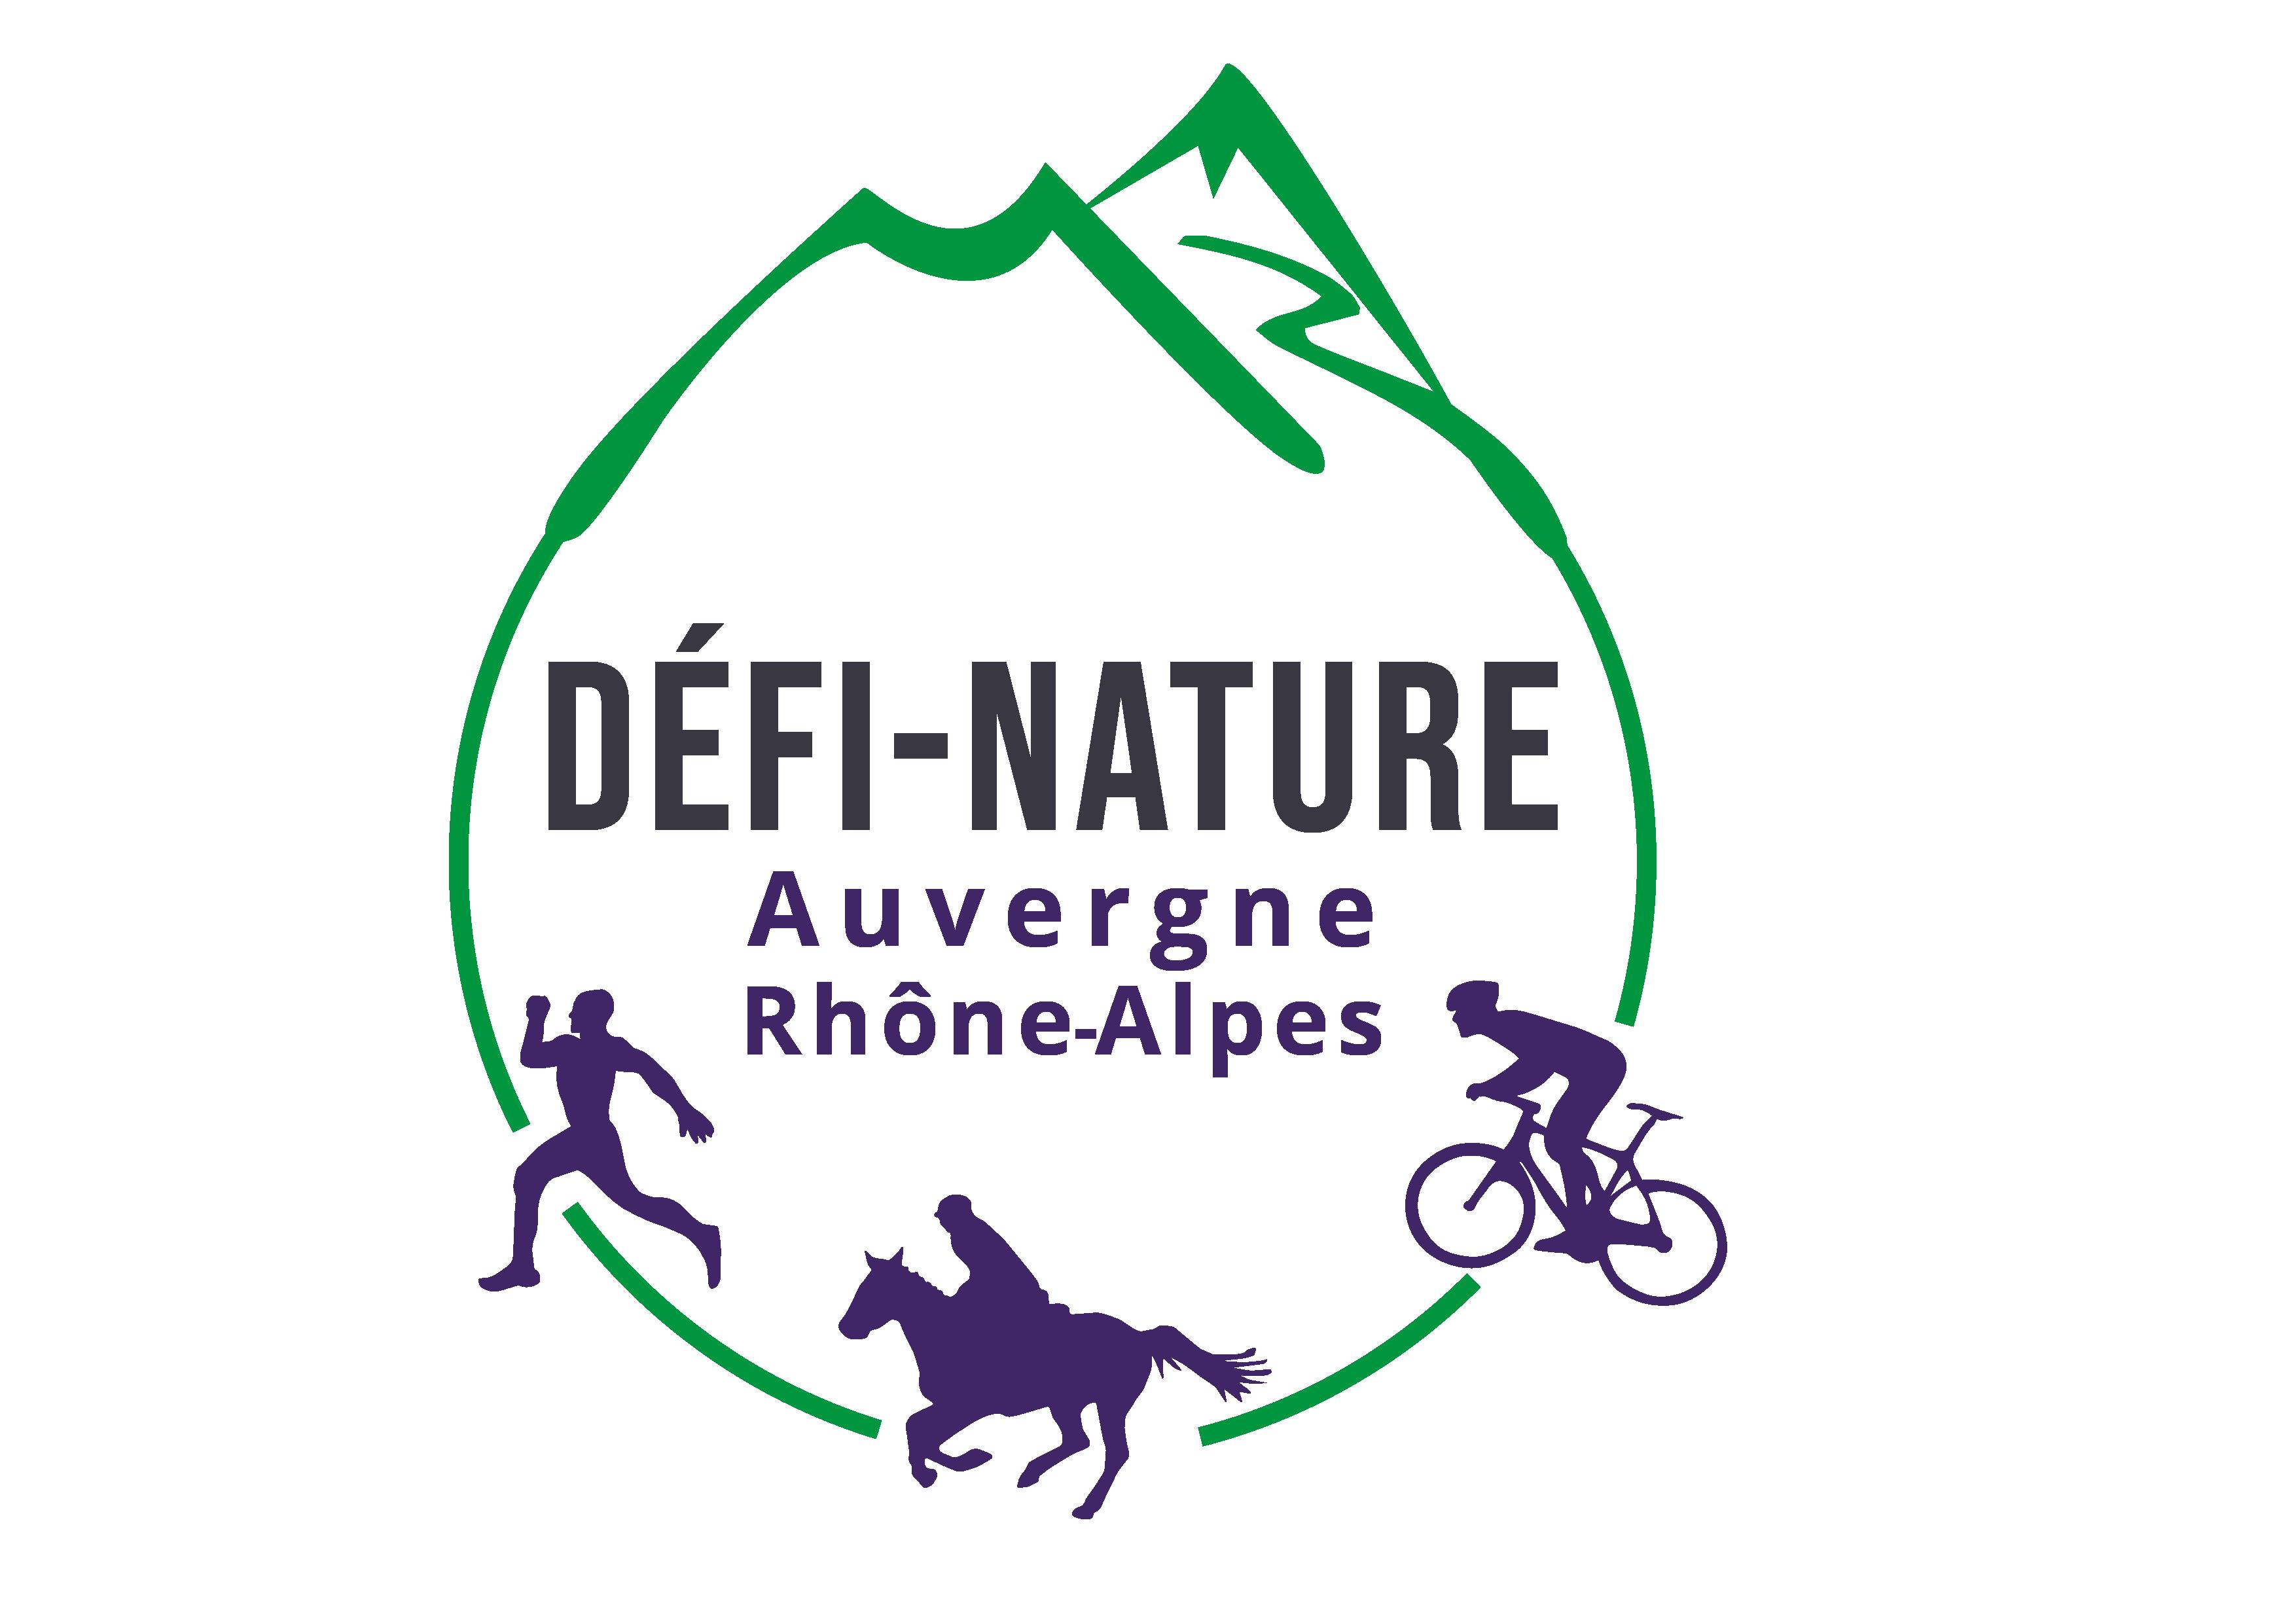 Calendrier Trail Auvergne.Defi Nature Crte Auvergne Rhone Alpes